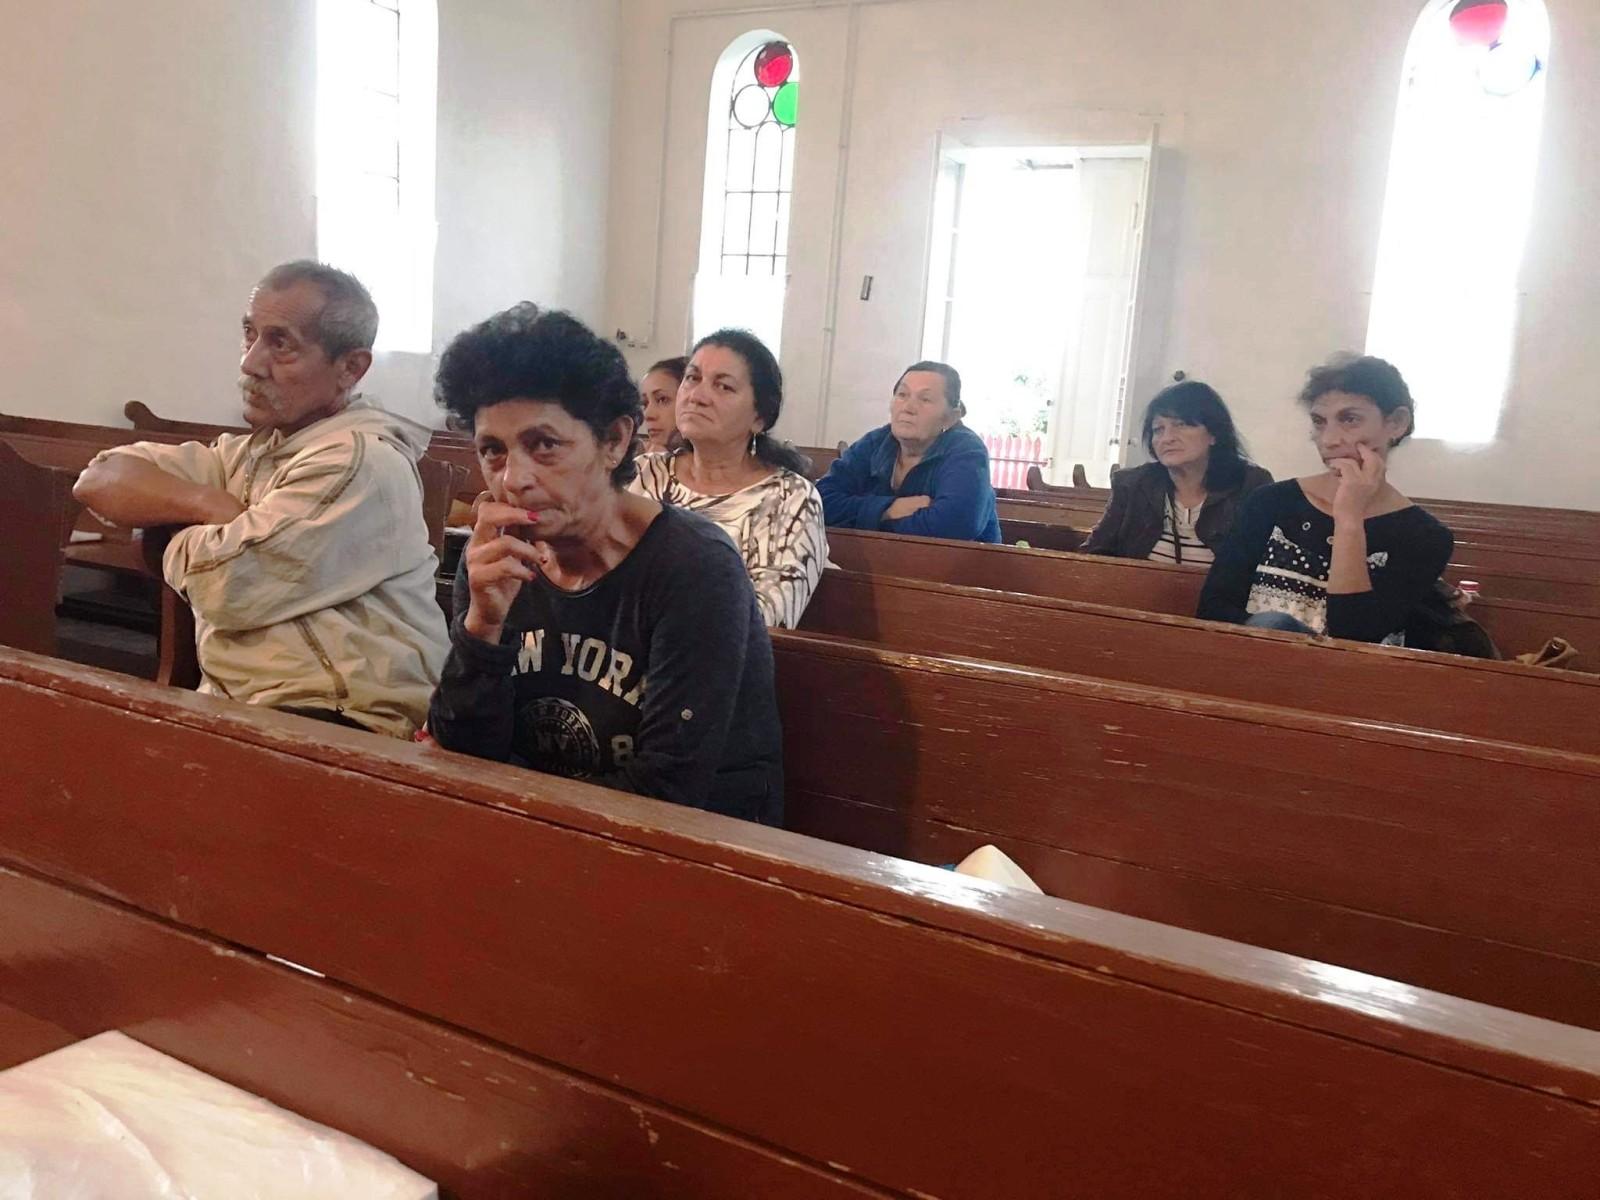 korosszakal-evangelizacio-20201003_07